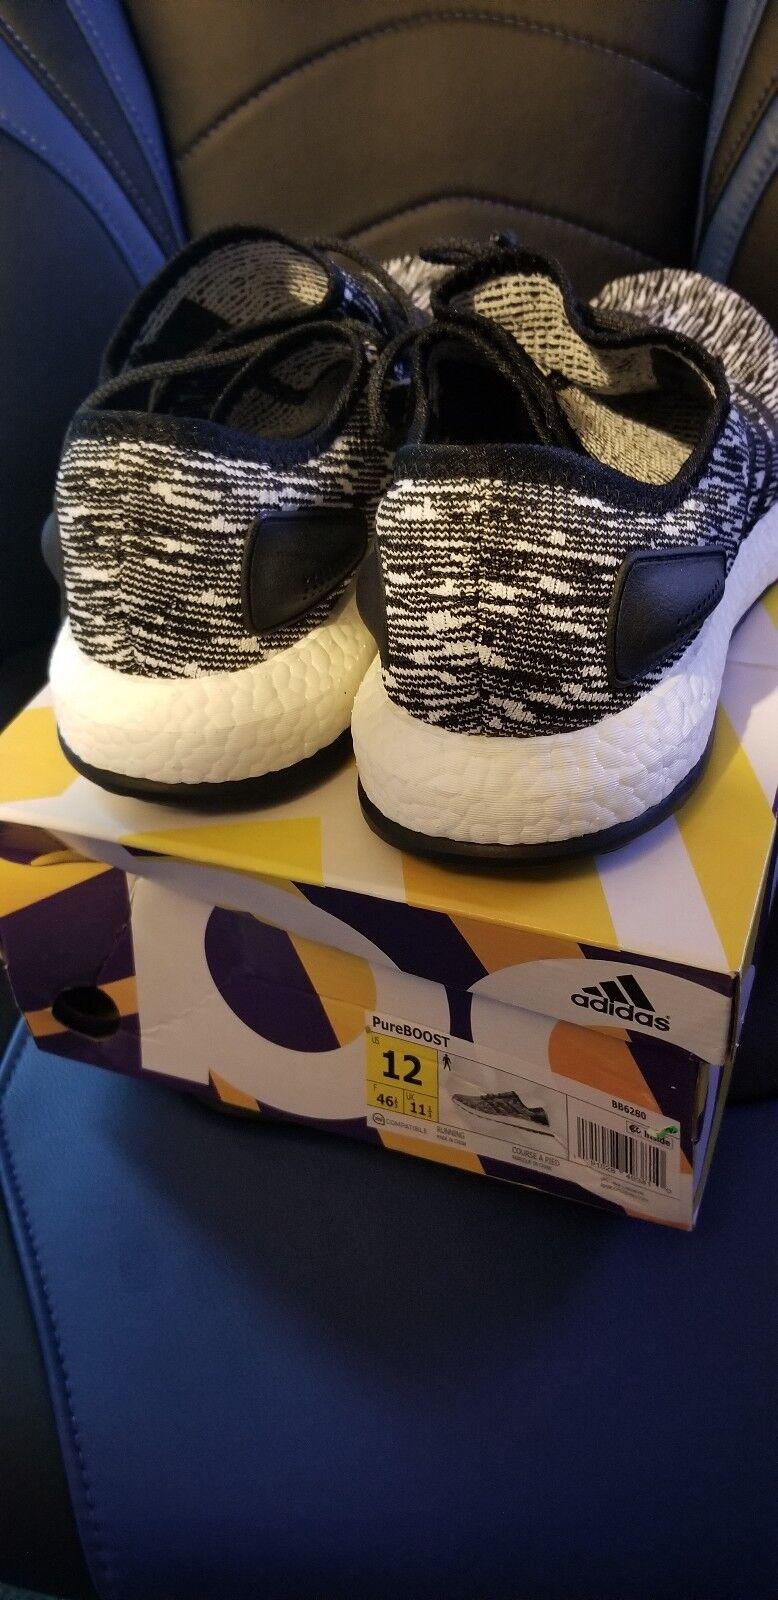 Adidas pureboost keks mit größe: 12